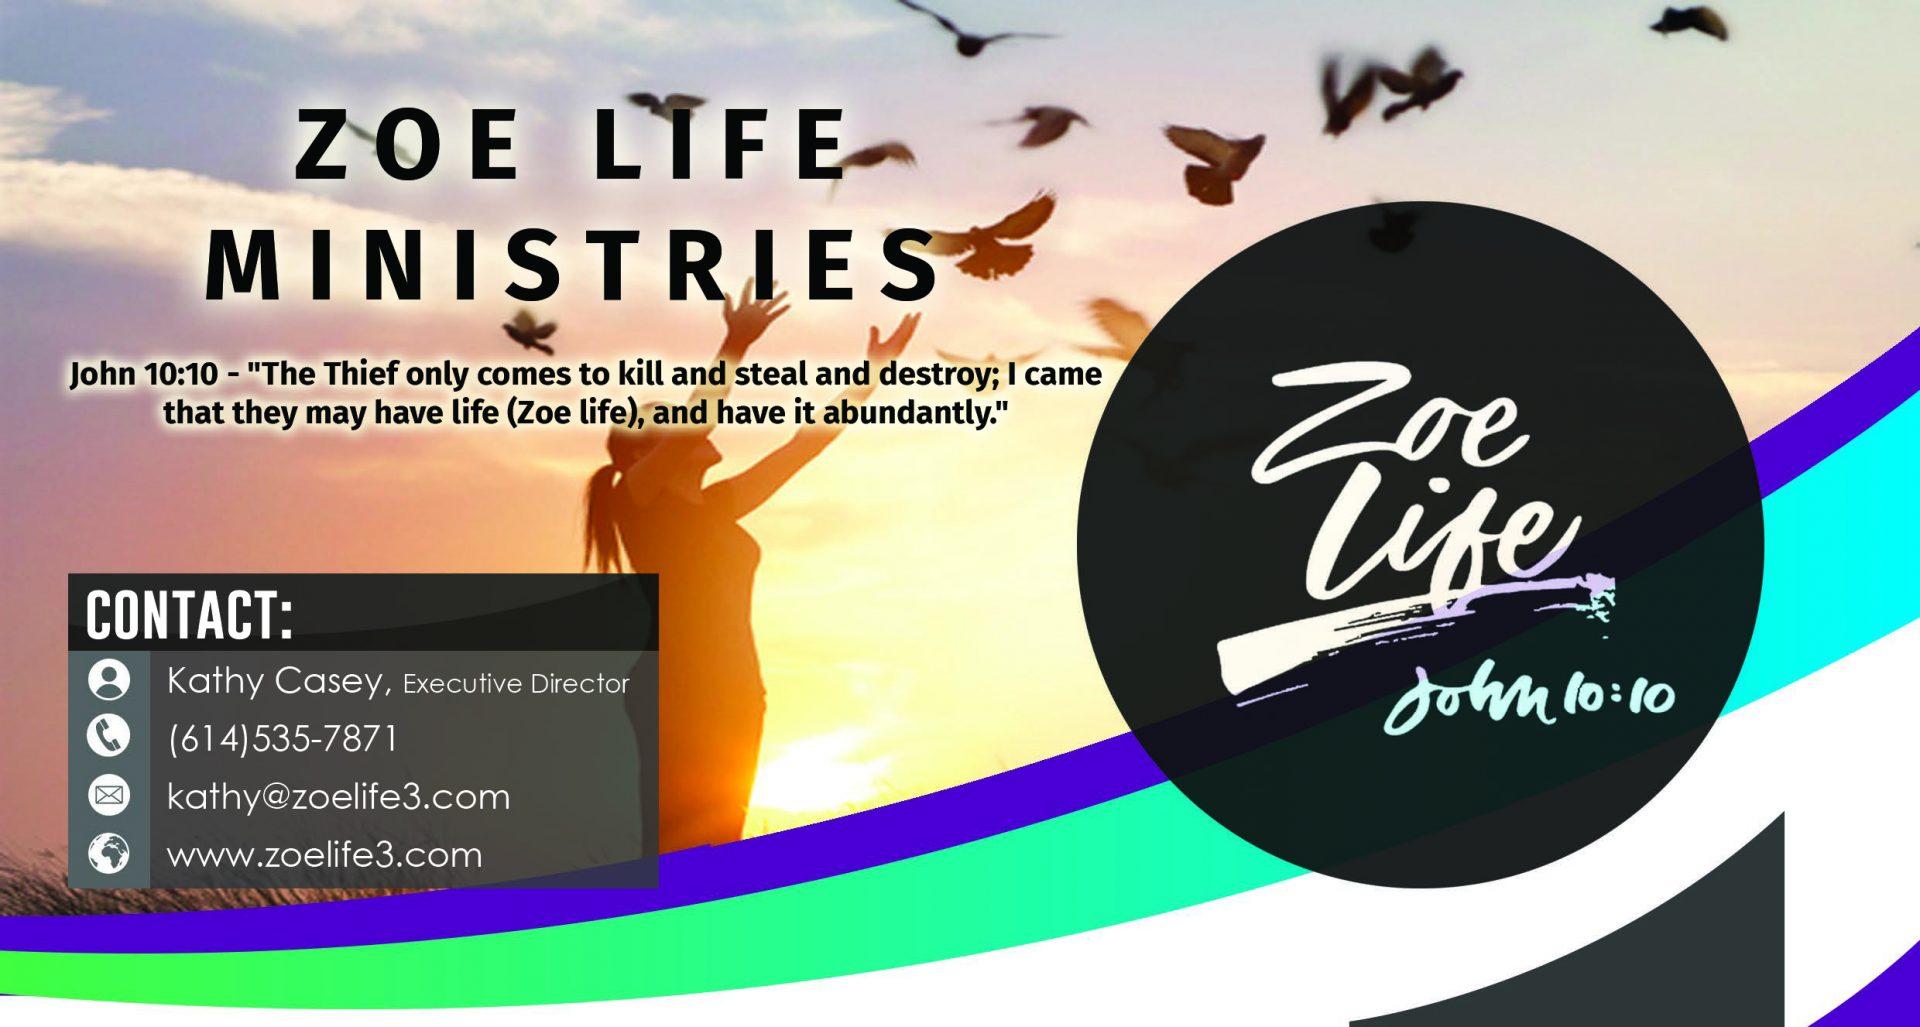 Zoe Life Ministires